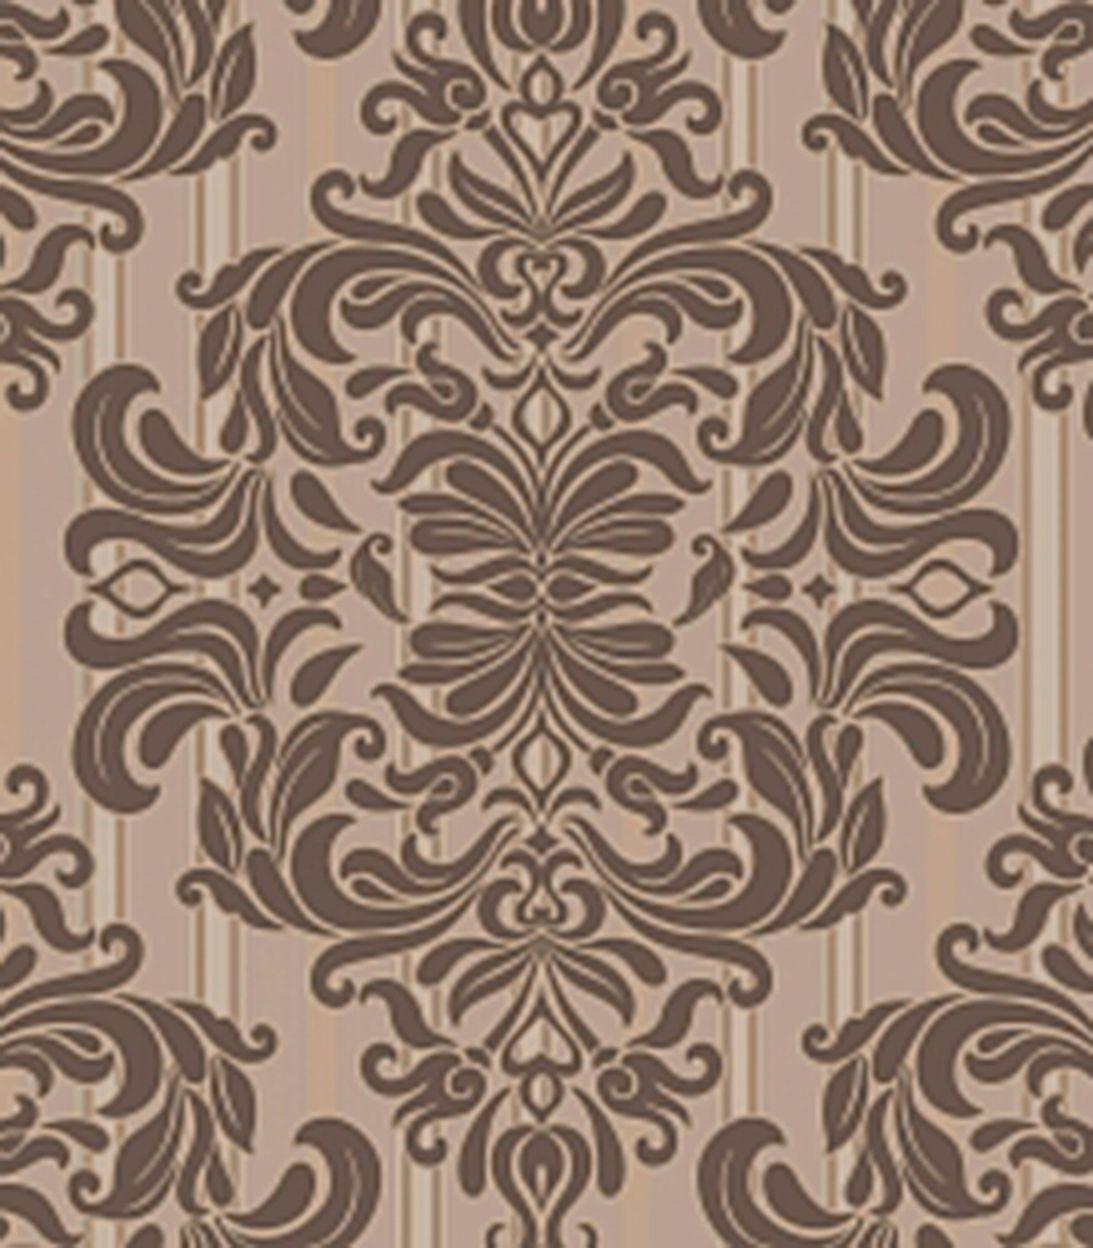 Обои виниловые на флизелиновой основе Erismann Serenada 2953-5 1,06х10 м флизелиновые обои erismann keneo 1768 37